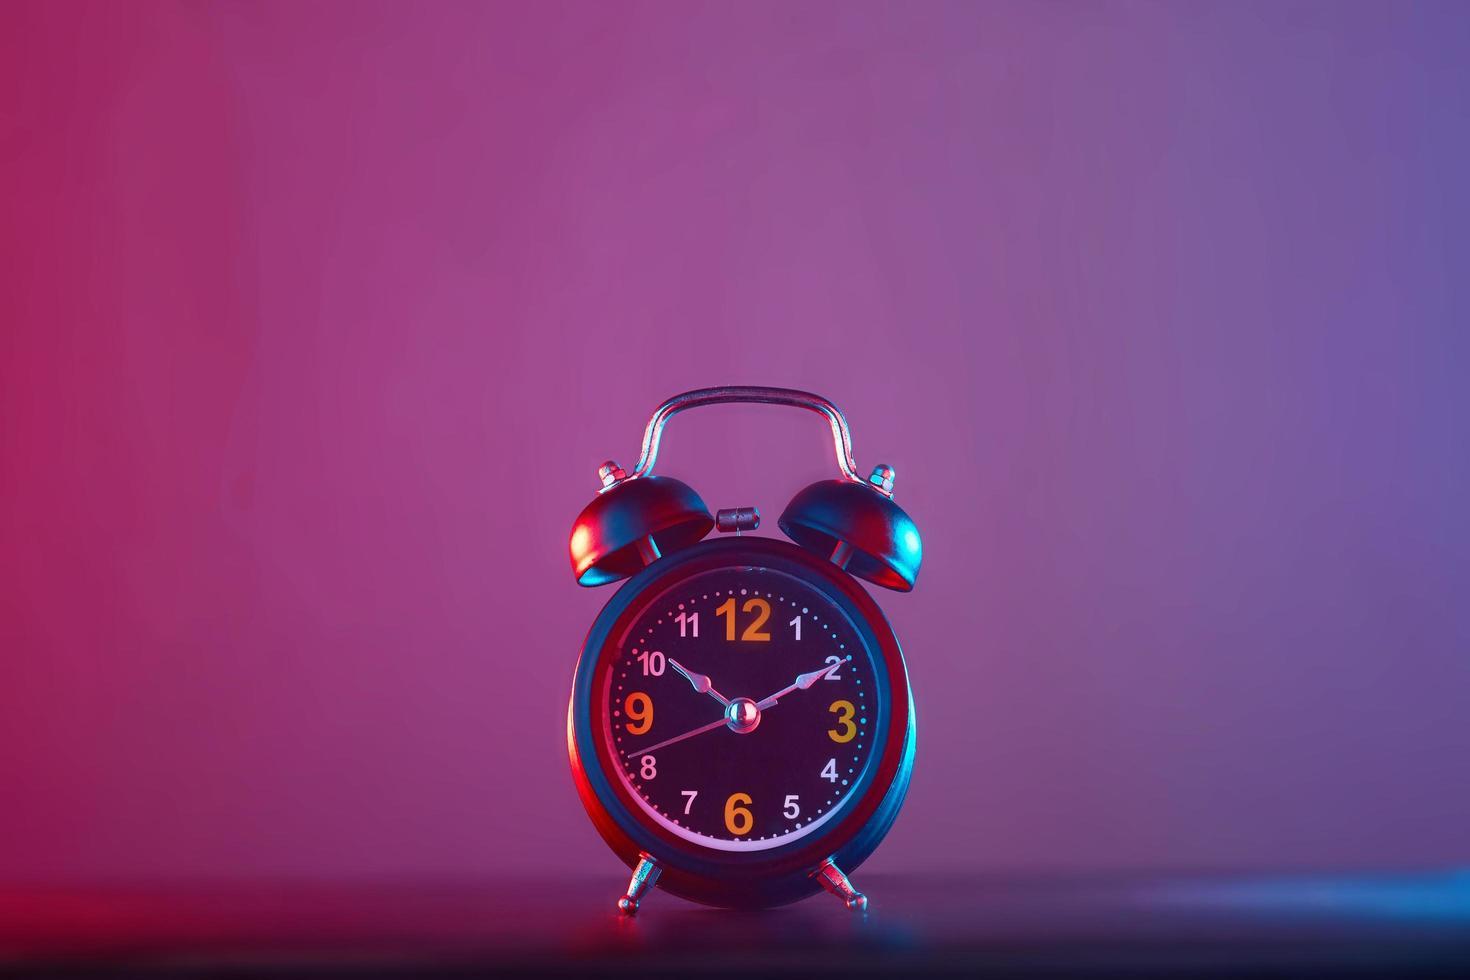 réveil sur fond coloré photo